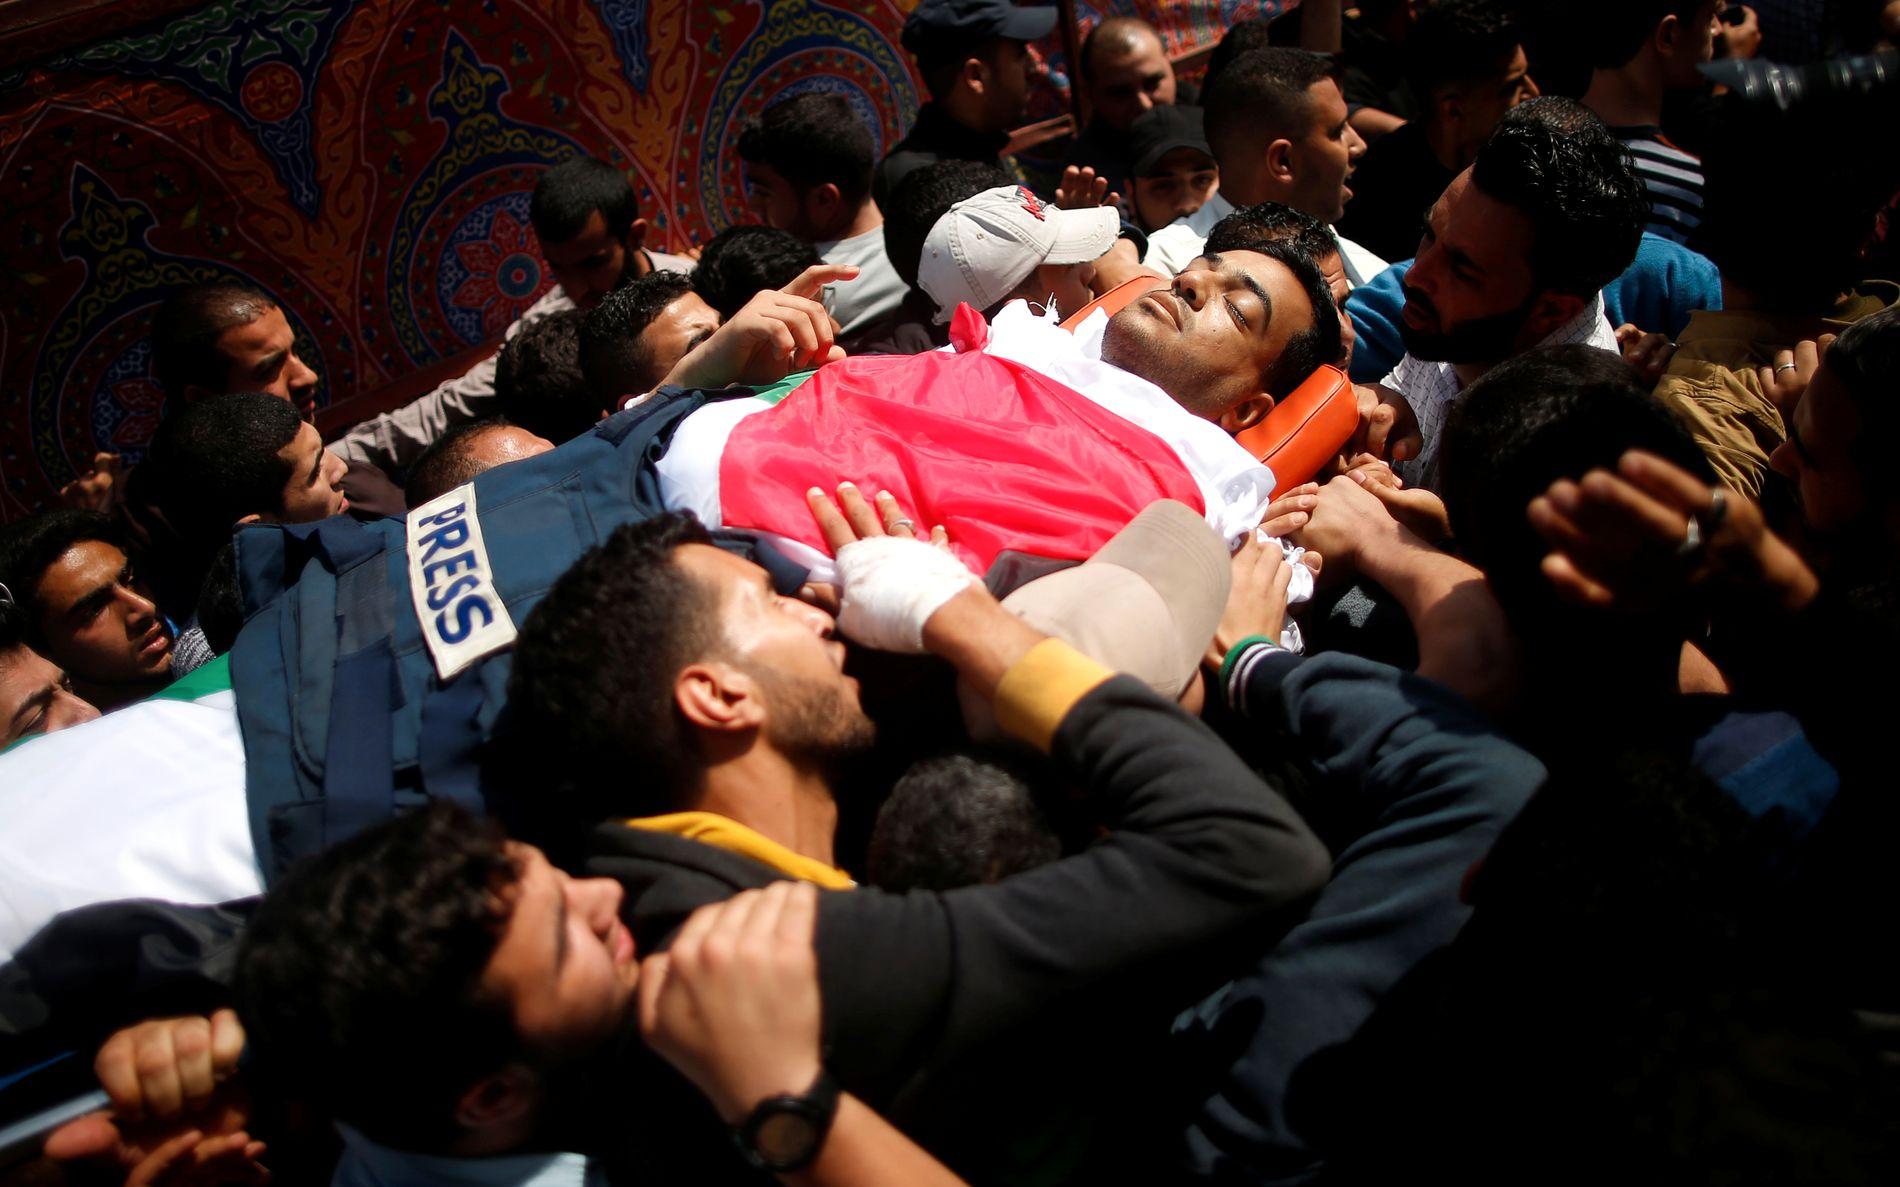 Ni palestinere ble drept, blant dem en TV-fotograf, etter at israelske soldater skjøt mot ubevæpnede demonstranter på Gazastripen fredag. 491 andre ble truffet av skudd og såret.